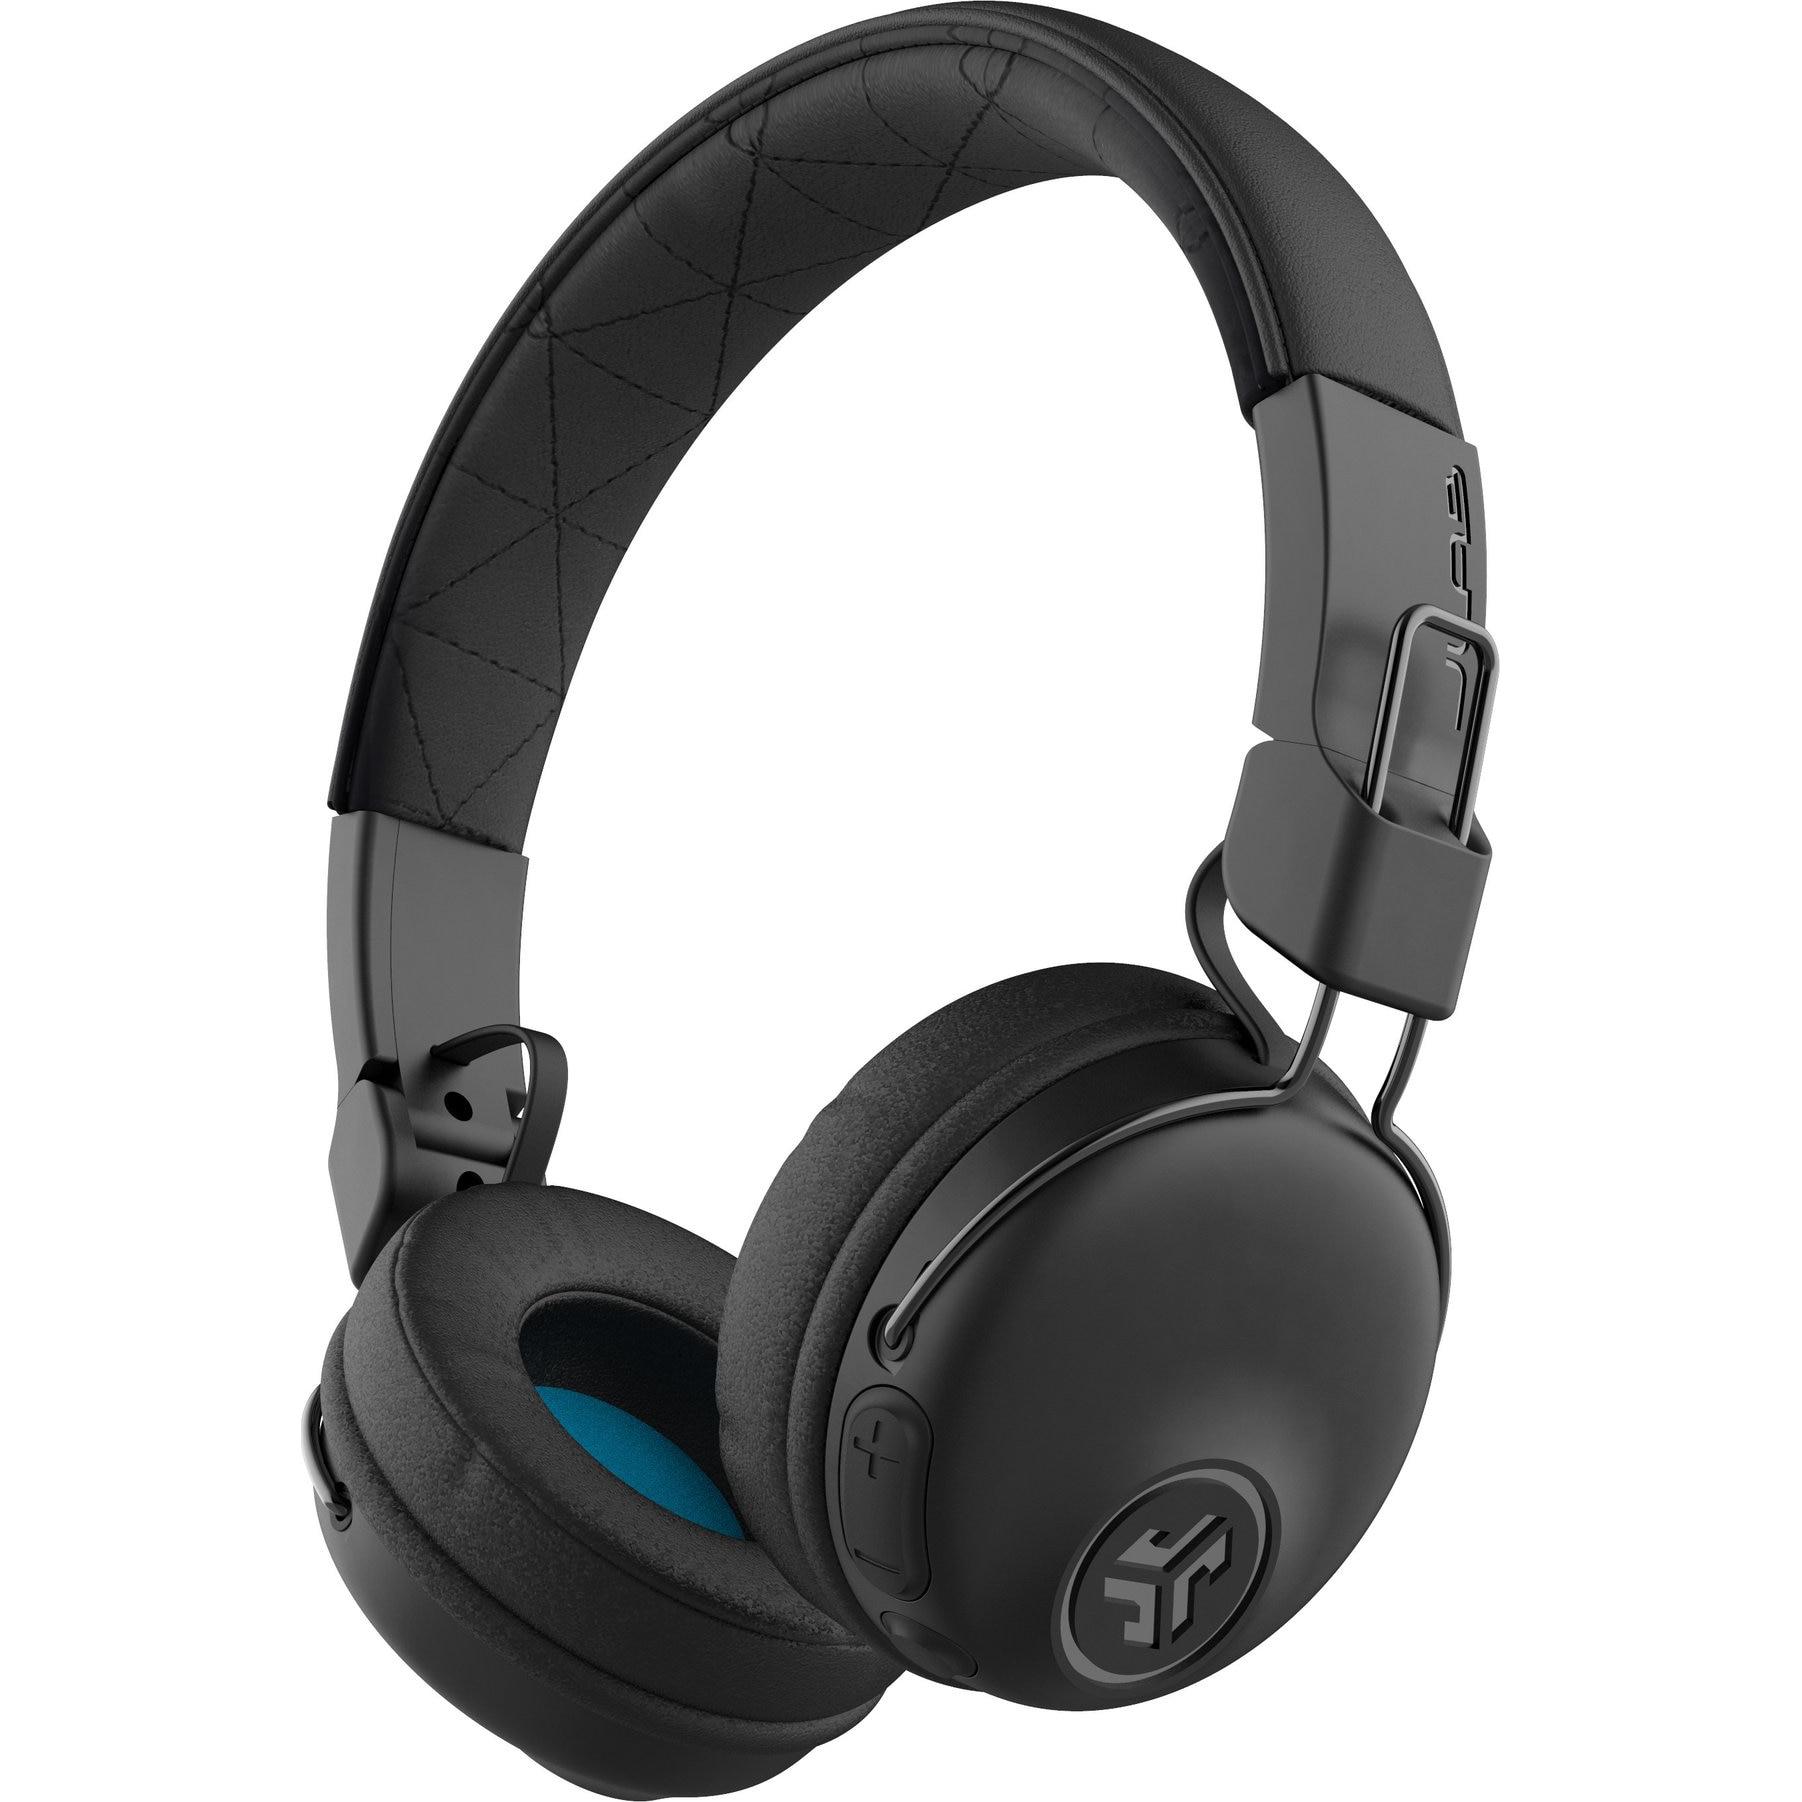 Fotografie Casti Audio On Ear pliabile JLAB Studio, Wireless, Bluetooth, Microfon, Autonomie 30 ore, Negru